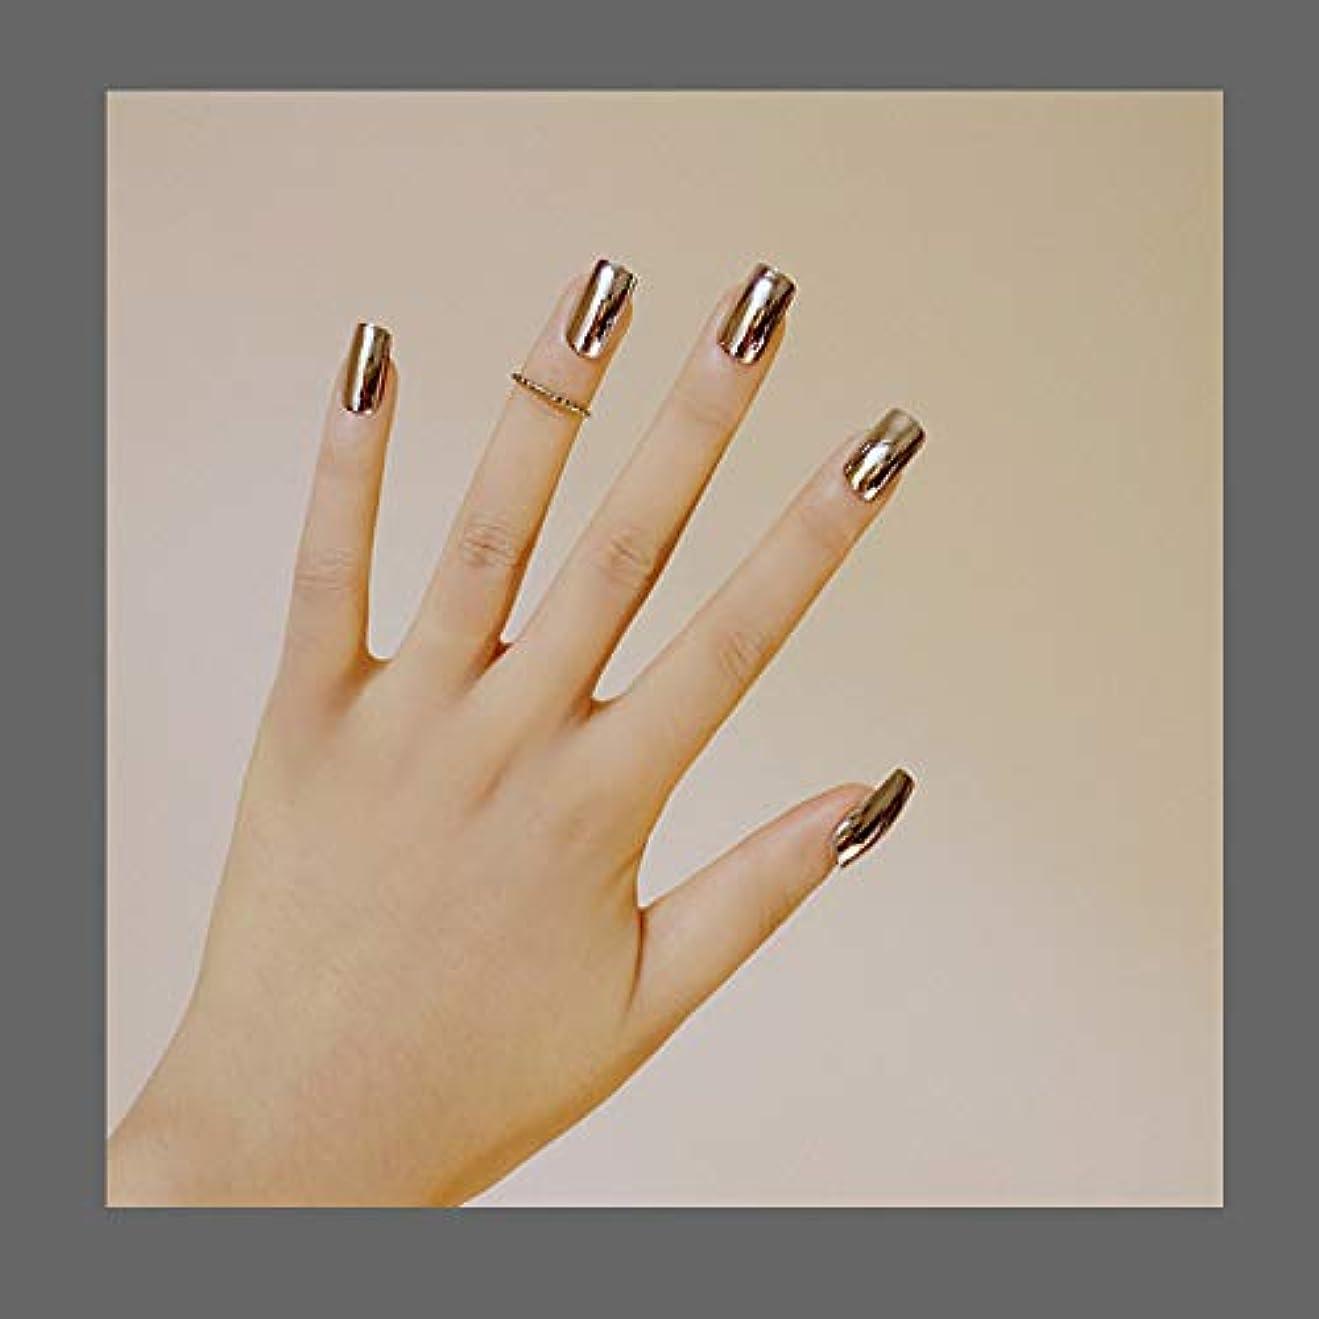 みぞれ戦闘販売員欧米で流行るパンク風付け爪 色変化のミラー付け爪 24枚付け爪 フラットヘッド 銀